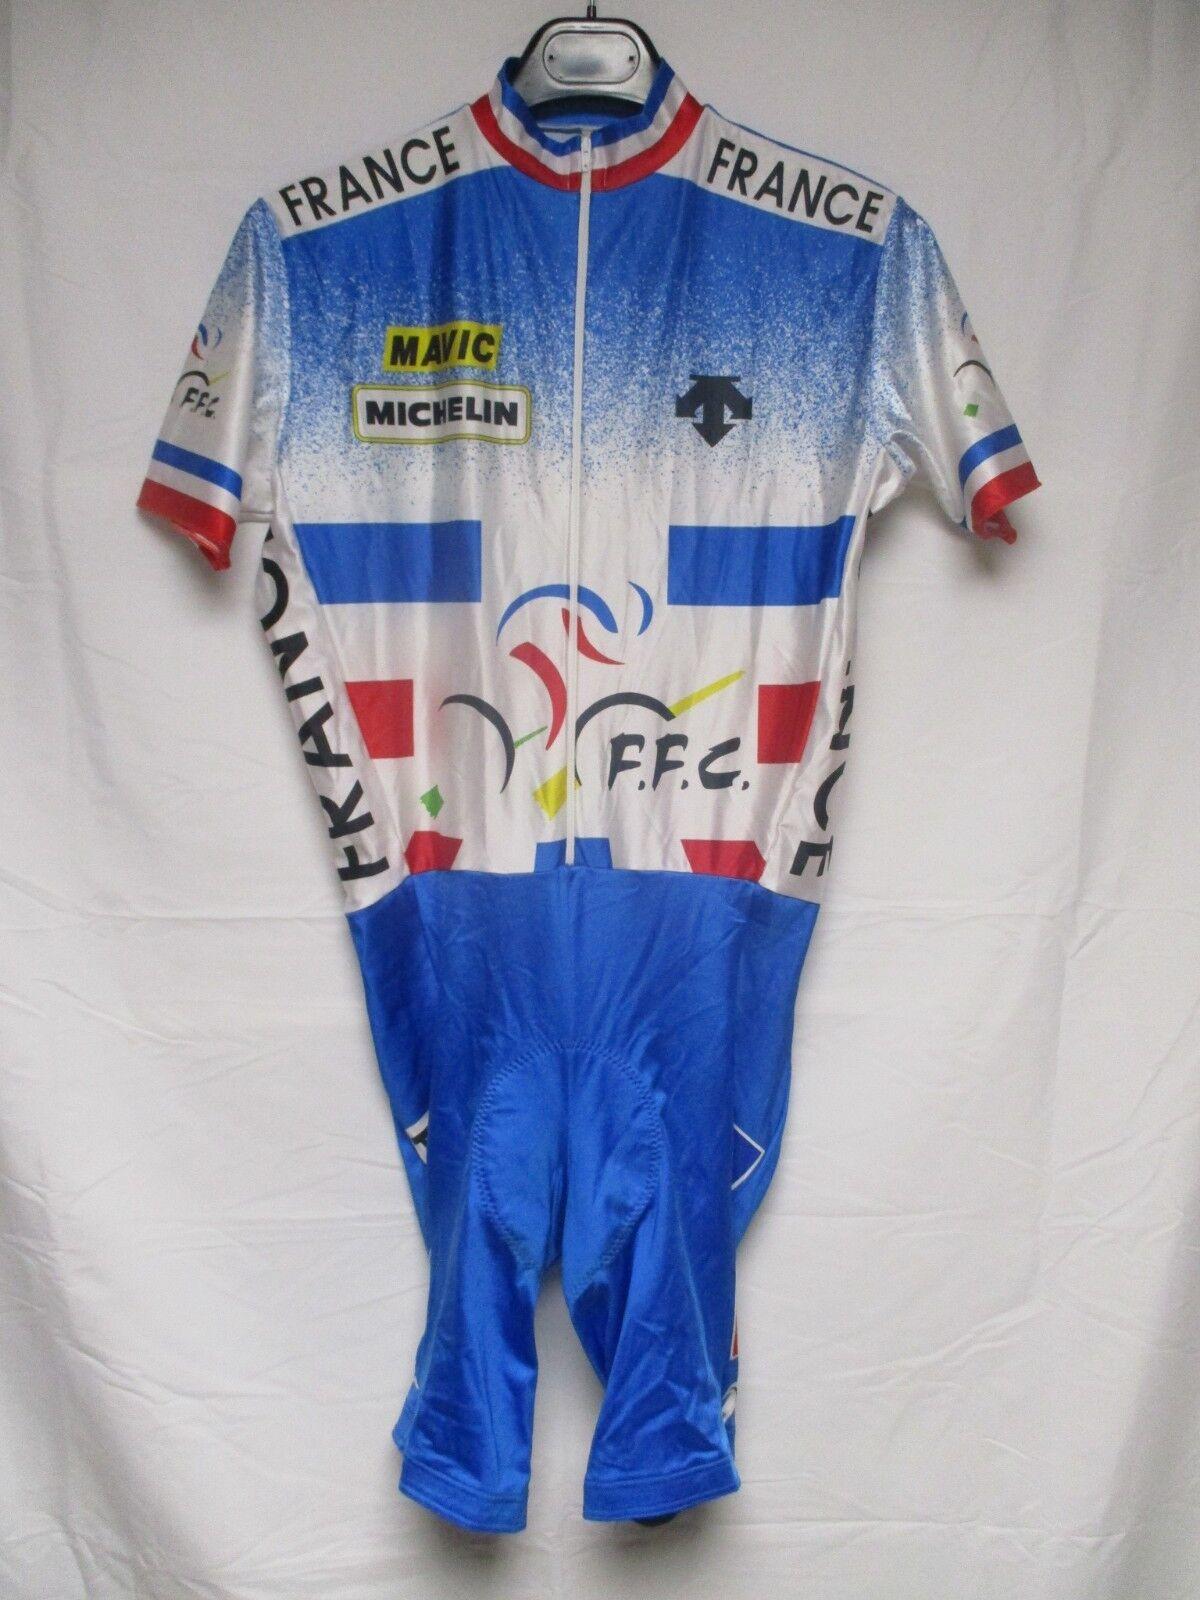 Maillot intégral combi cuissard cycliste EQUIPE DE FRANCE Descente shirt 4 L